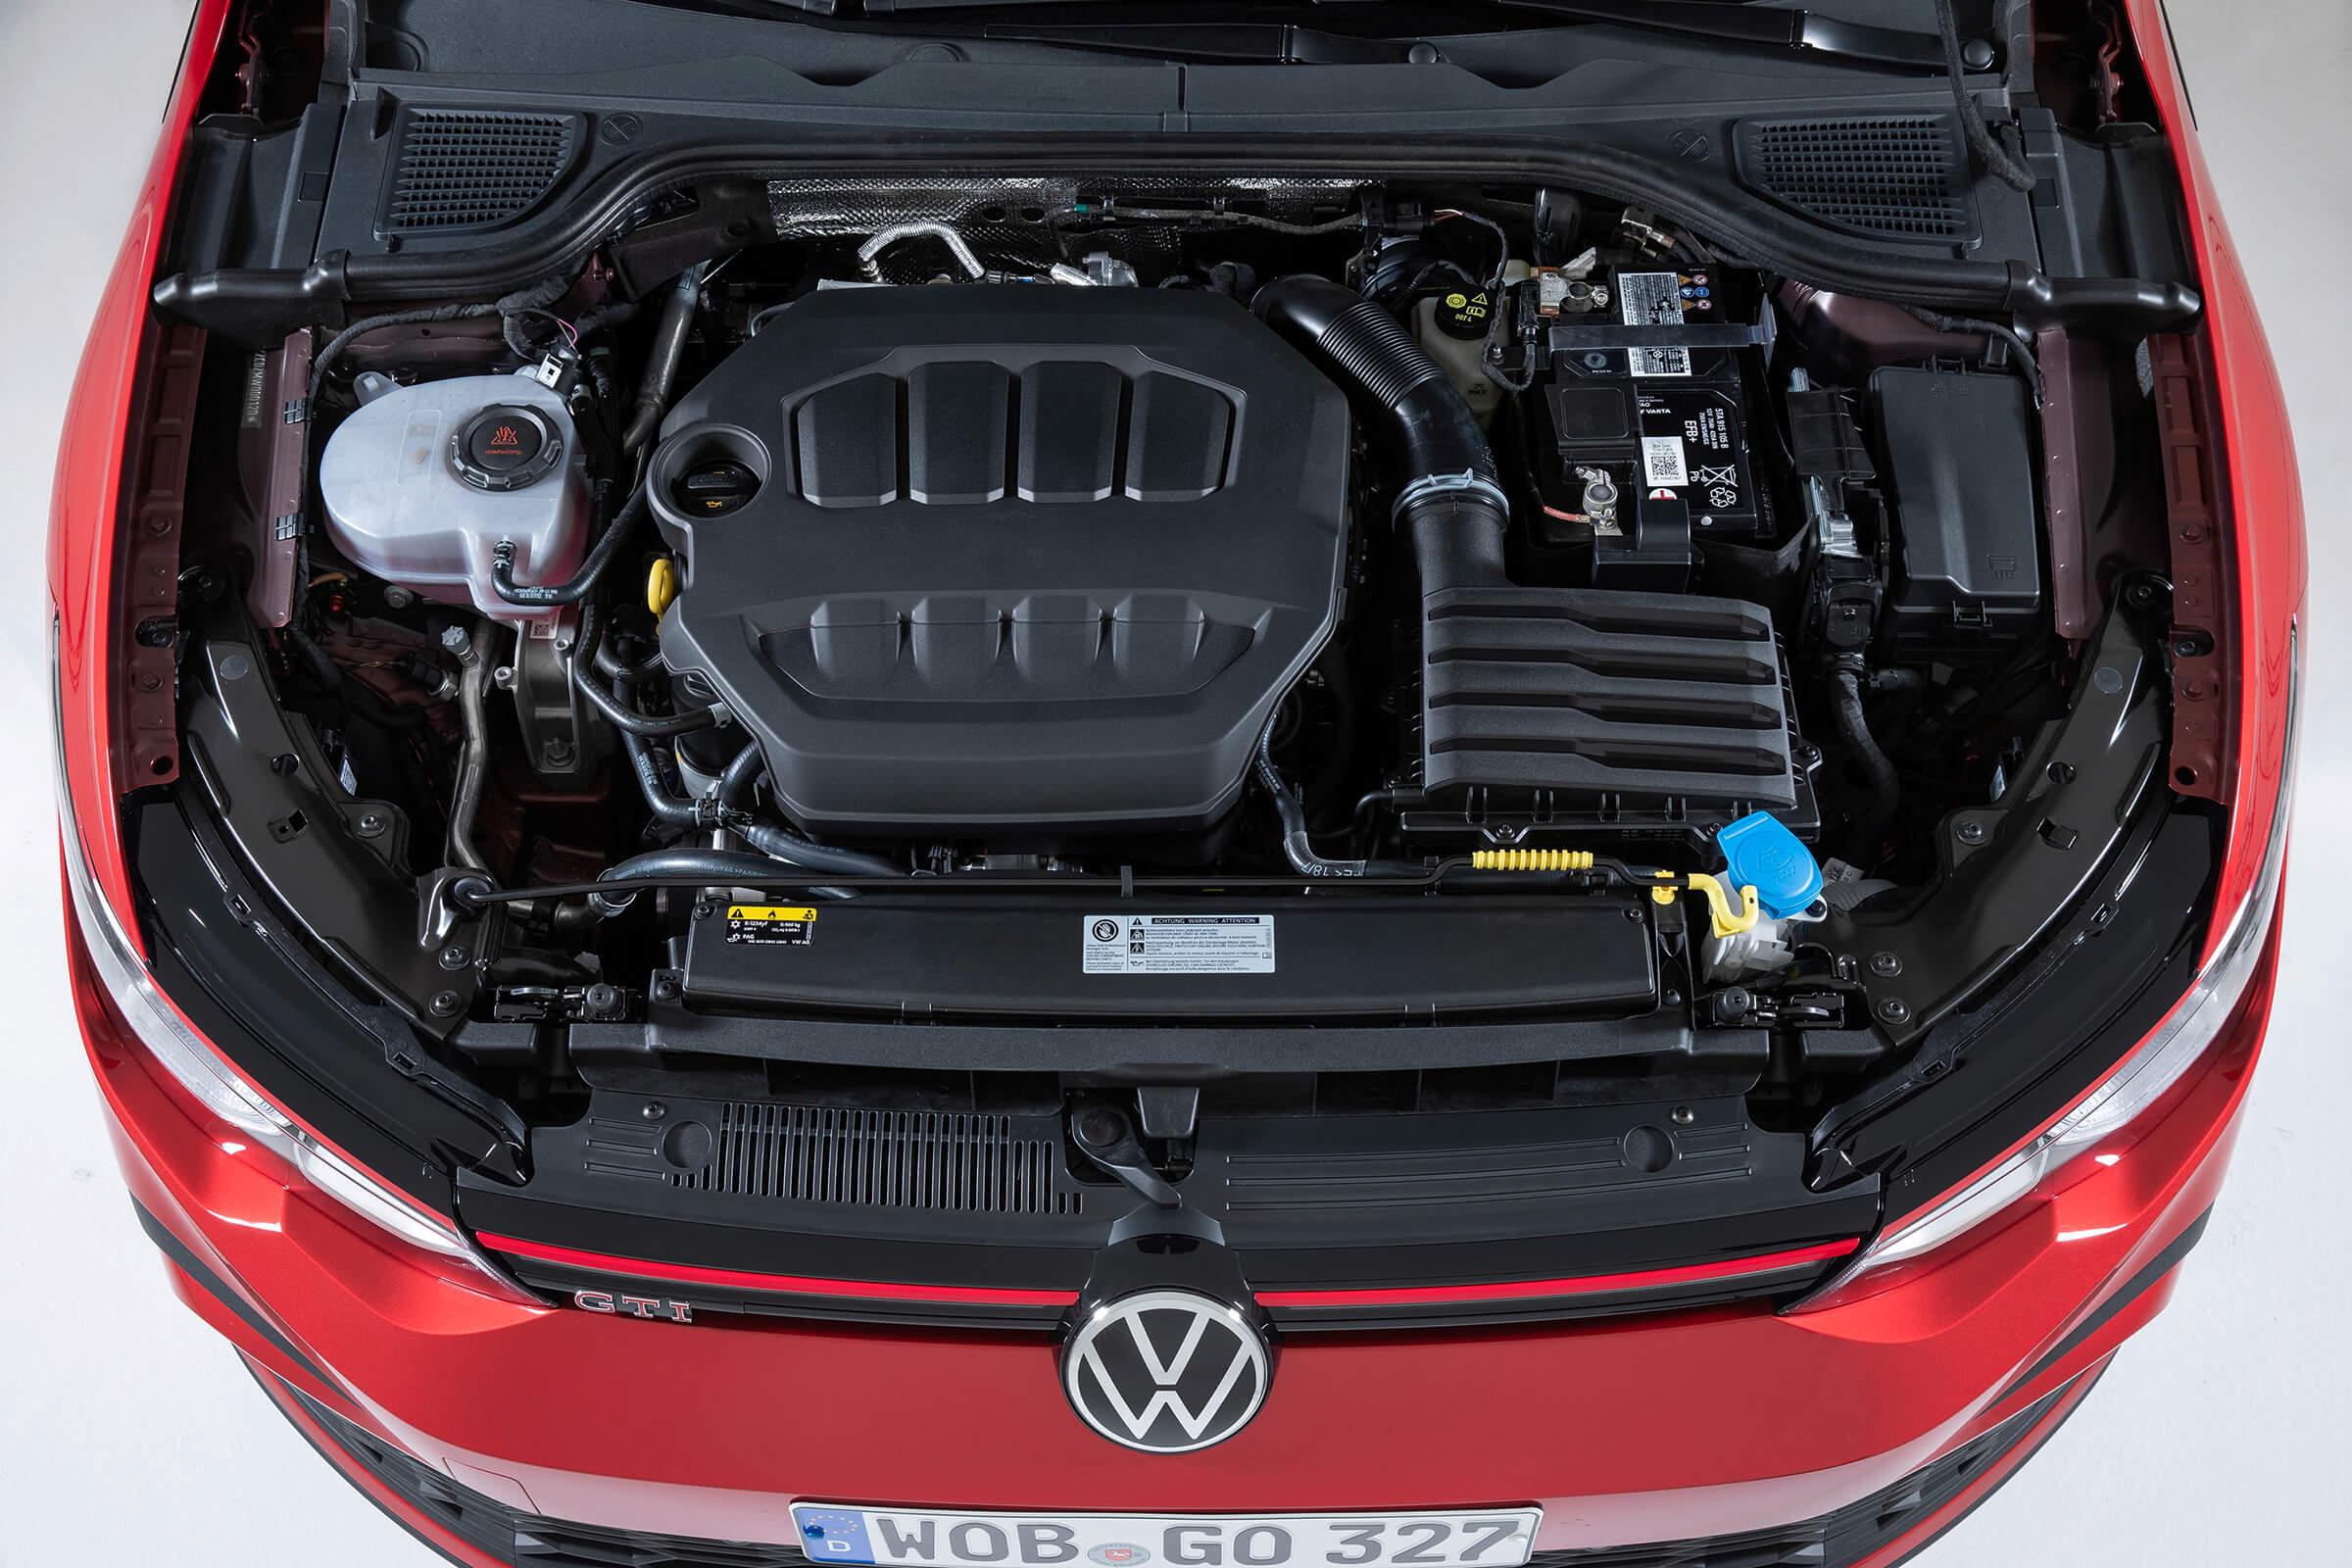 Νέο Volkswagen Golf GTI - Κινητήρας κορυφαίων επιδόσεων